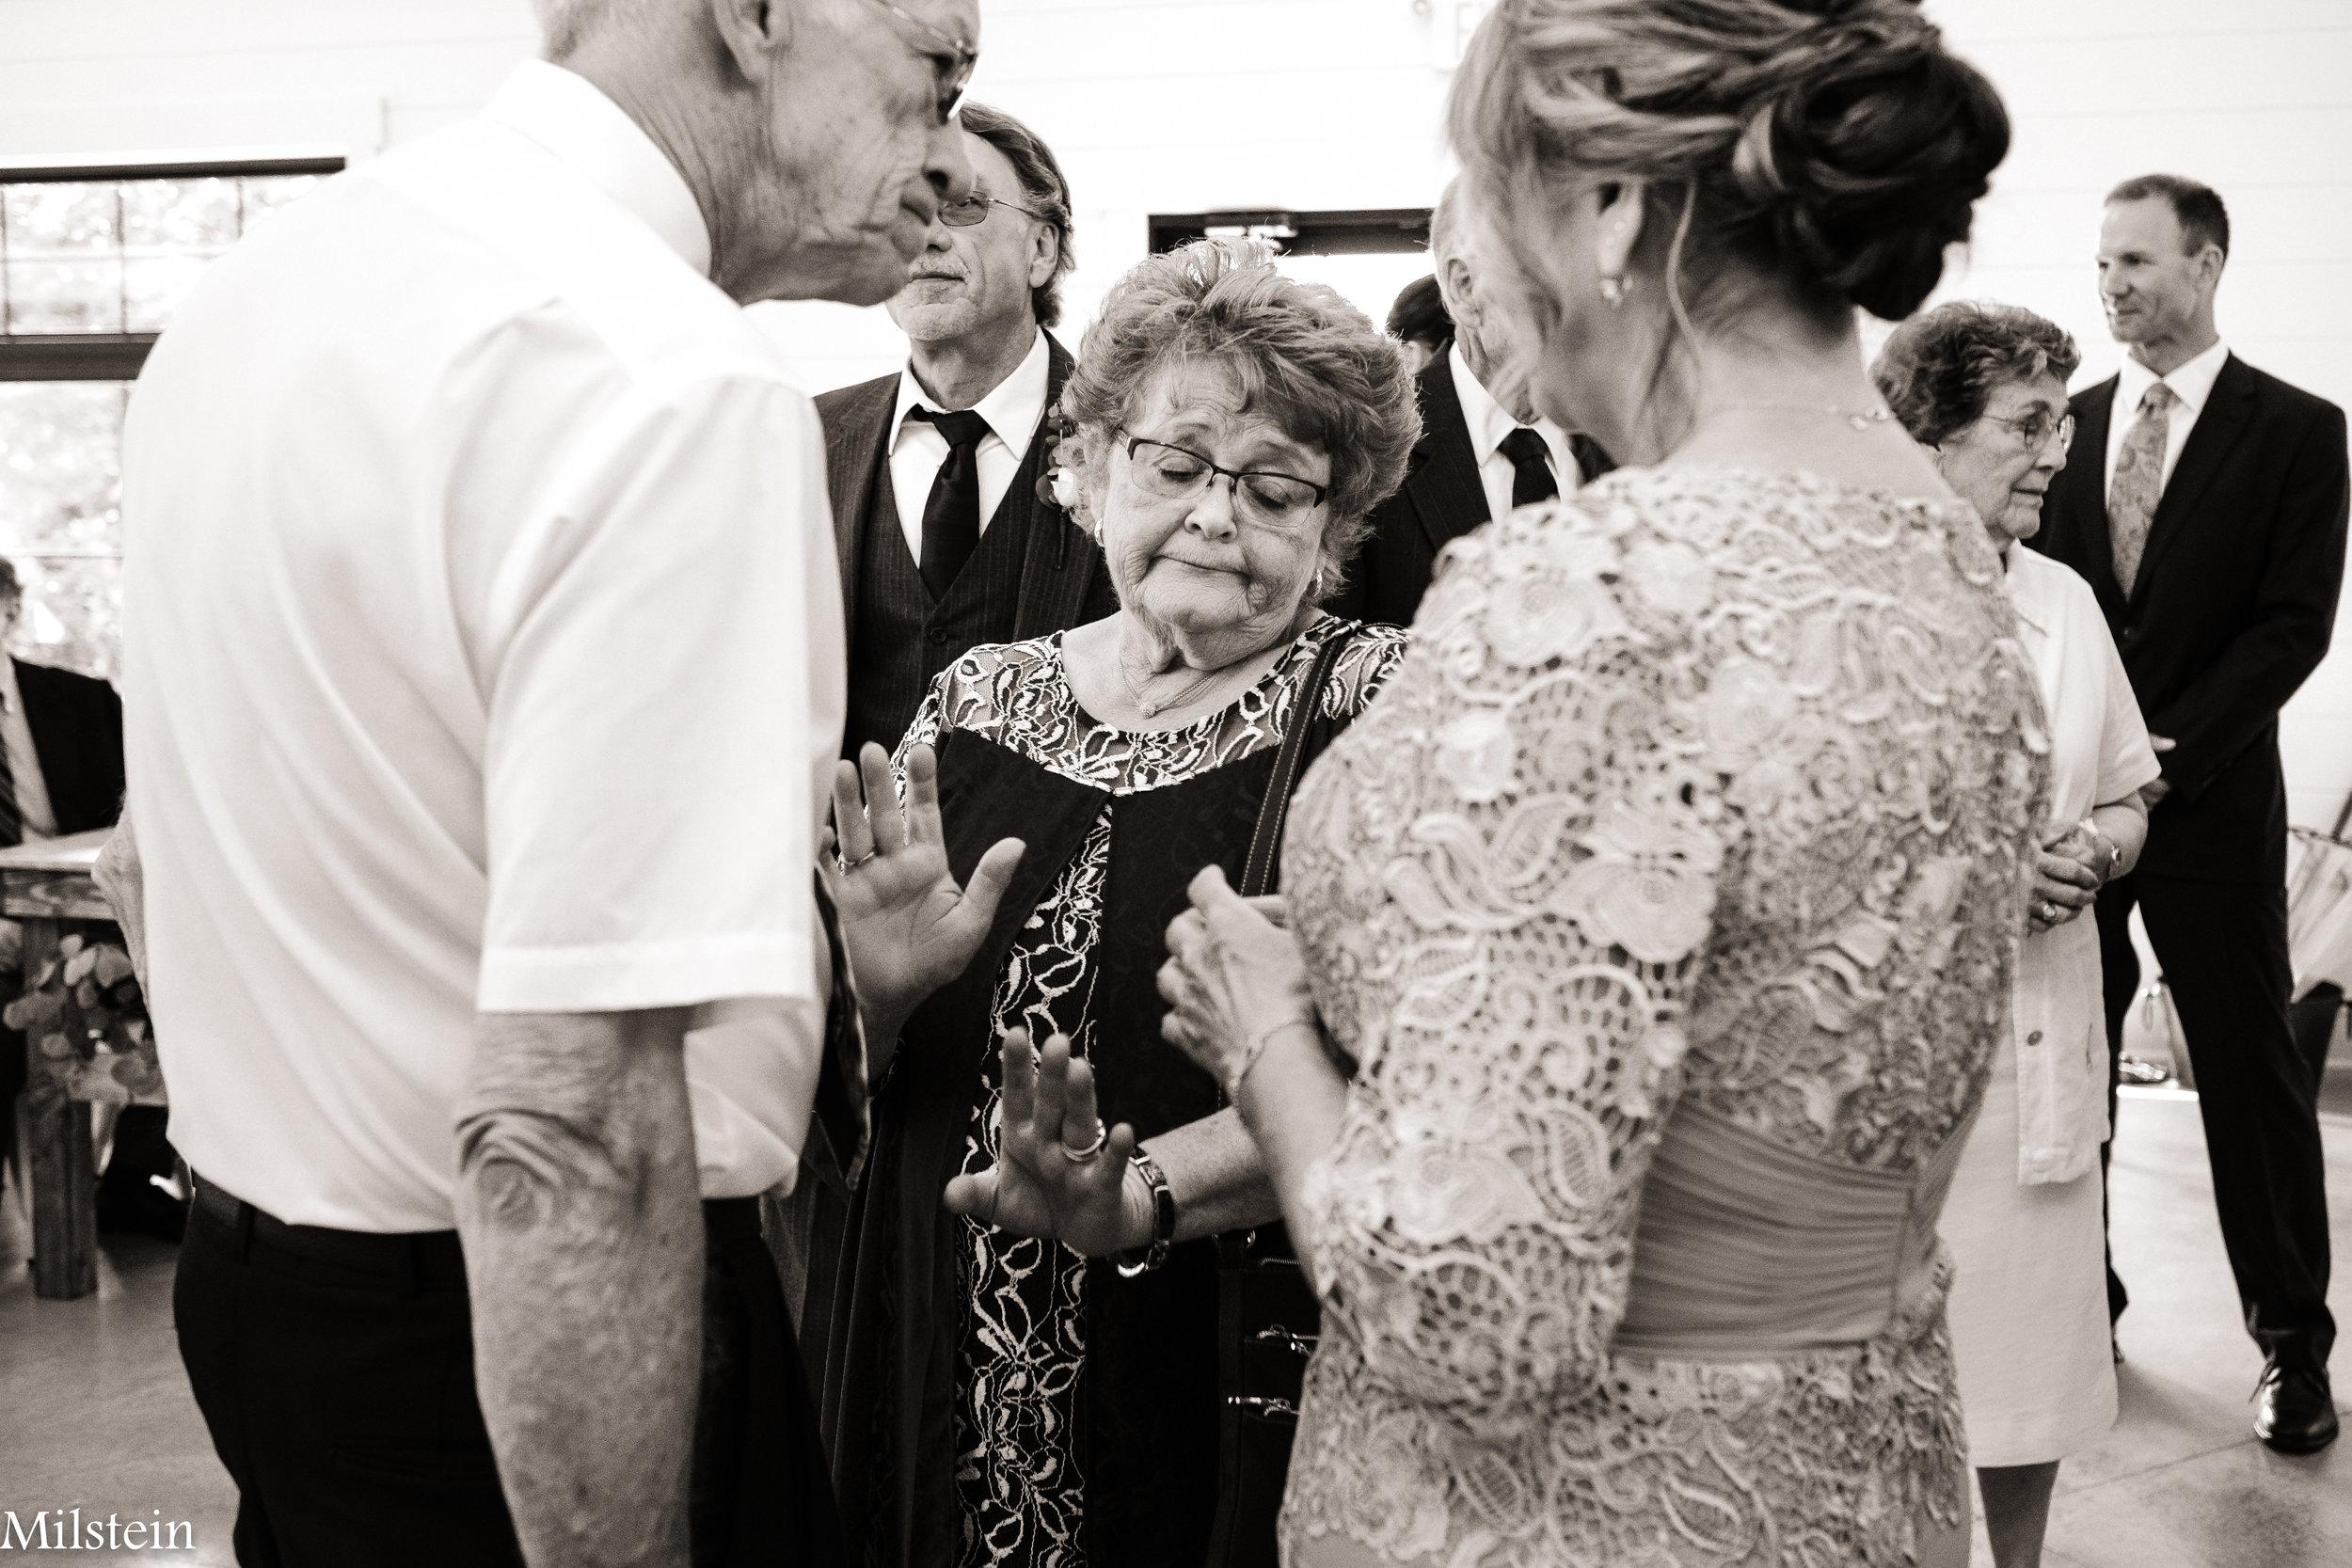 WIlds-Wedding-Venue-candid-real-wedding-photos-amy-milstein